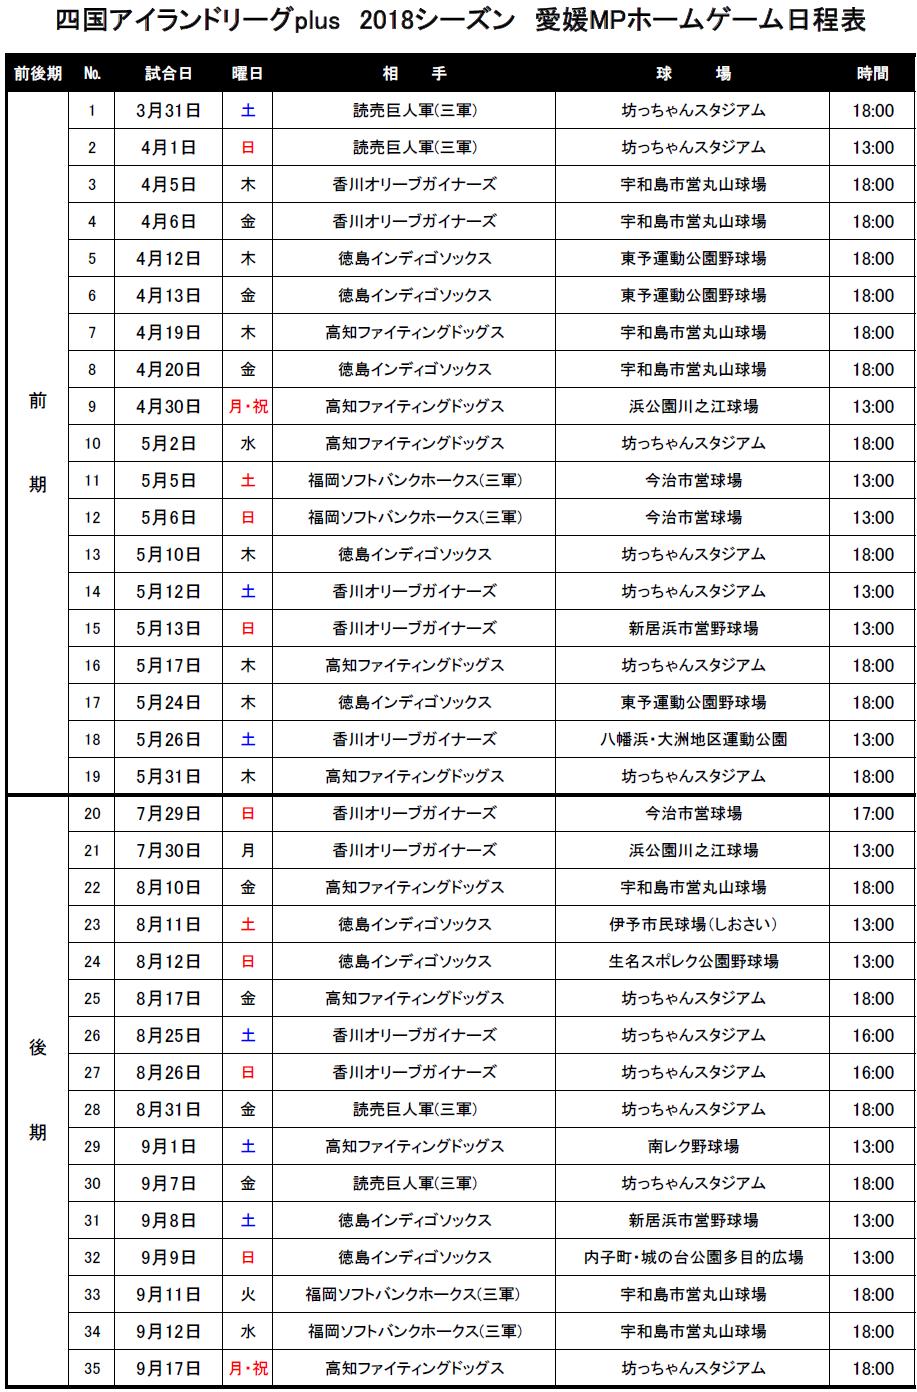 ホームゲーム日程表(確定).png